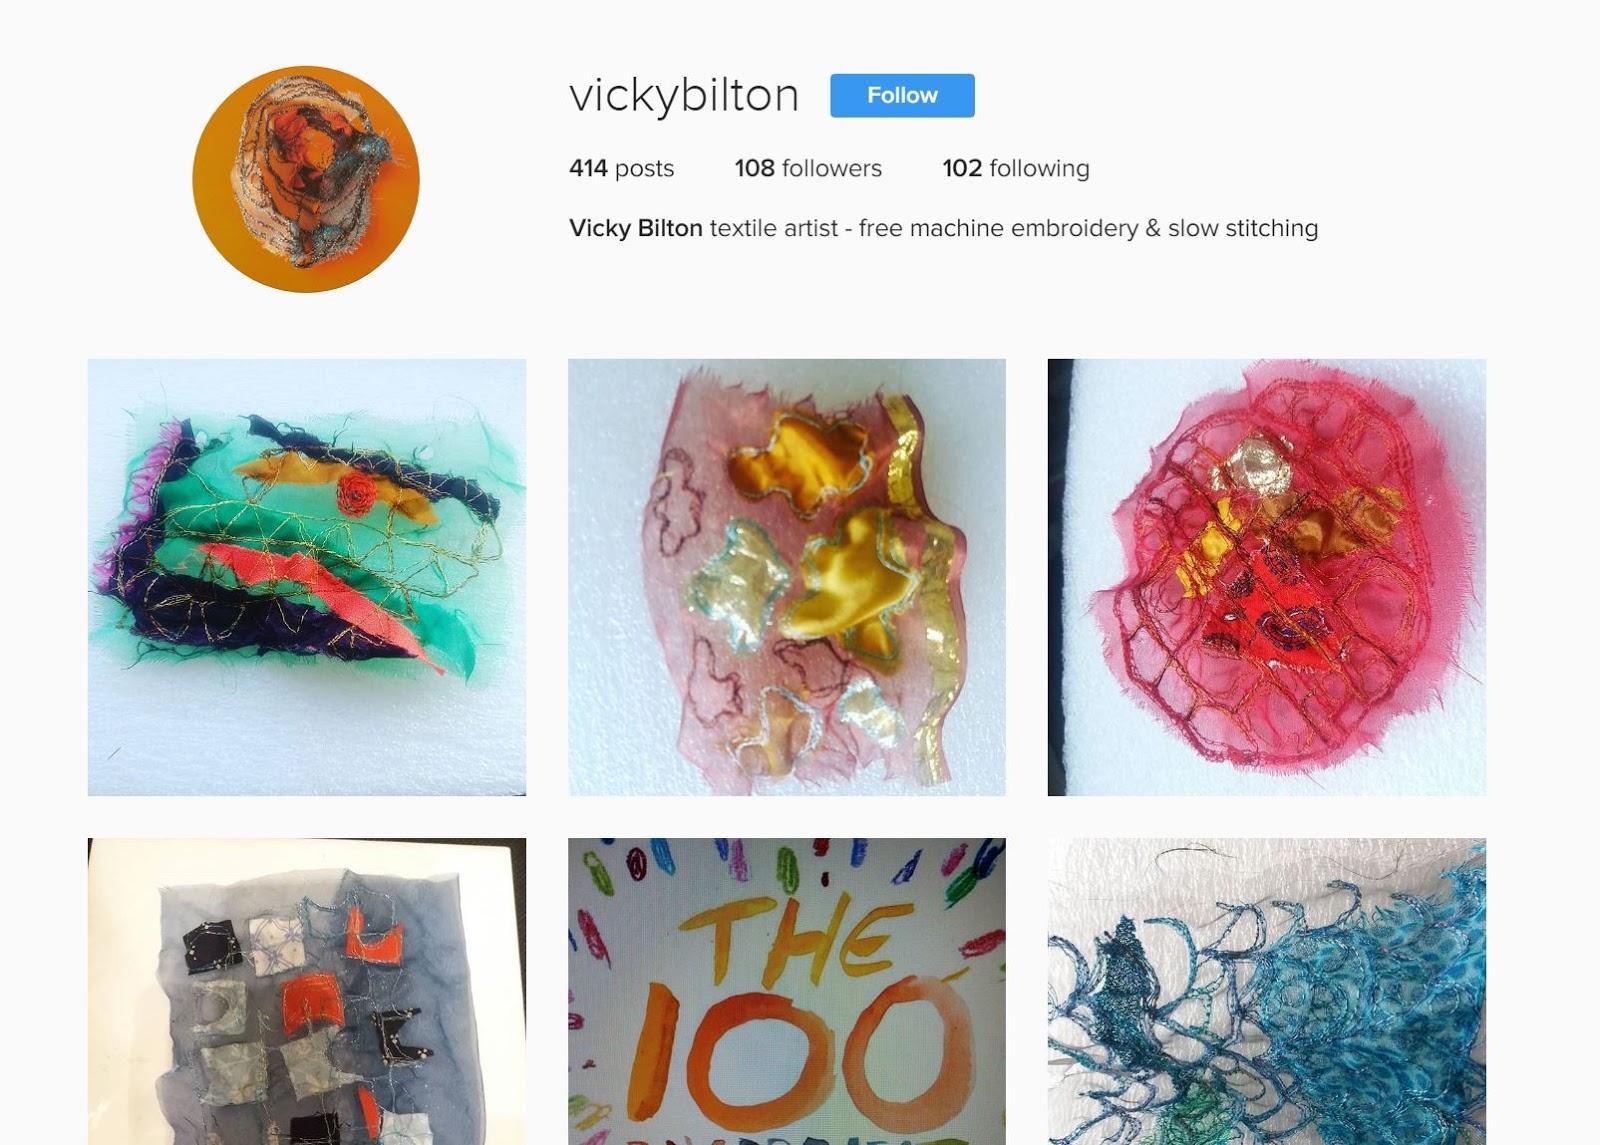 Vicky Bilton